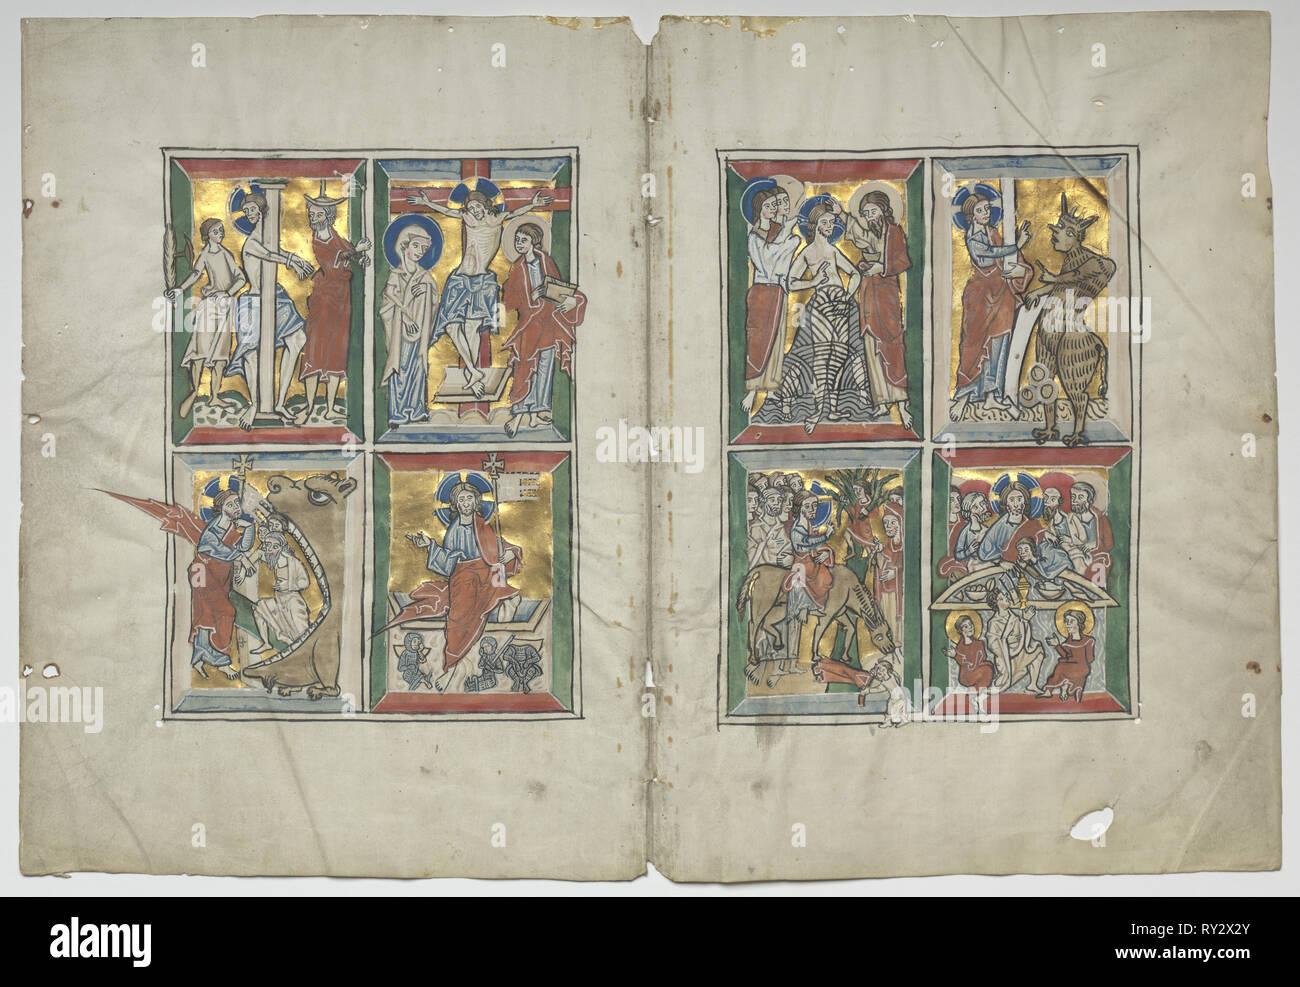 Bifolio avec des scènes de la vie du Christ, 1230-1240. Allemagne, Basse-Saxe (diocèse de Hildesheim), Braunschweig(?), 13e siècle. Tempera et or sur parchemin; feuille: 31 x 22,5 cm (12 3/16 x 8 7/8 in.); produits: 48,3 x 63,5 cm (19 x 25 in.); total: 30,7 x 45,2 cm (12 1/16 x 17 13/16 in.); enchevêtrées: 40,6 x 55,9 cm (16 x 22 in Banque D'Images